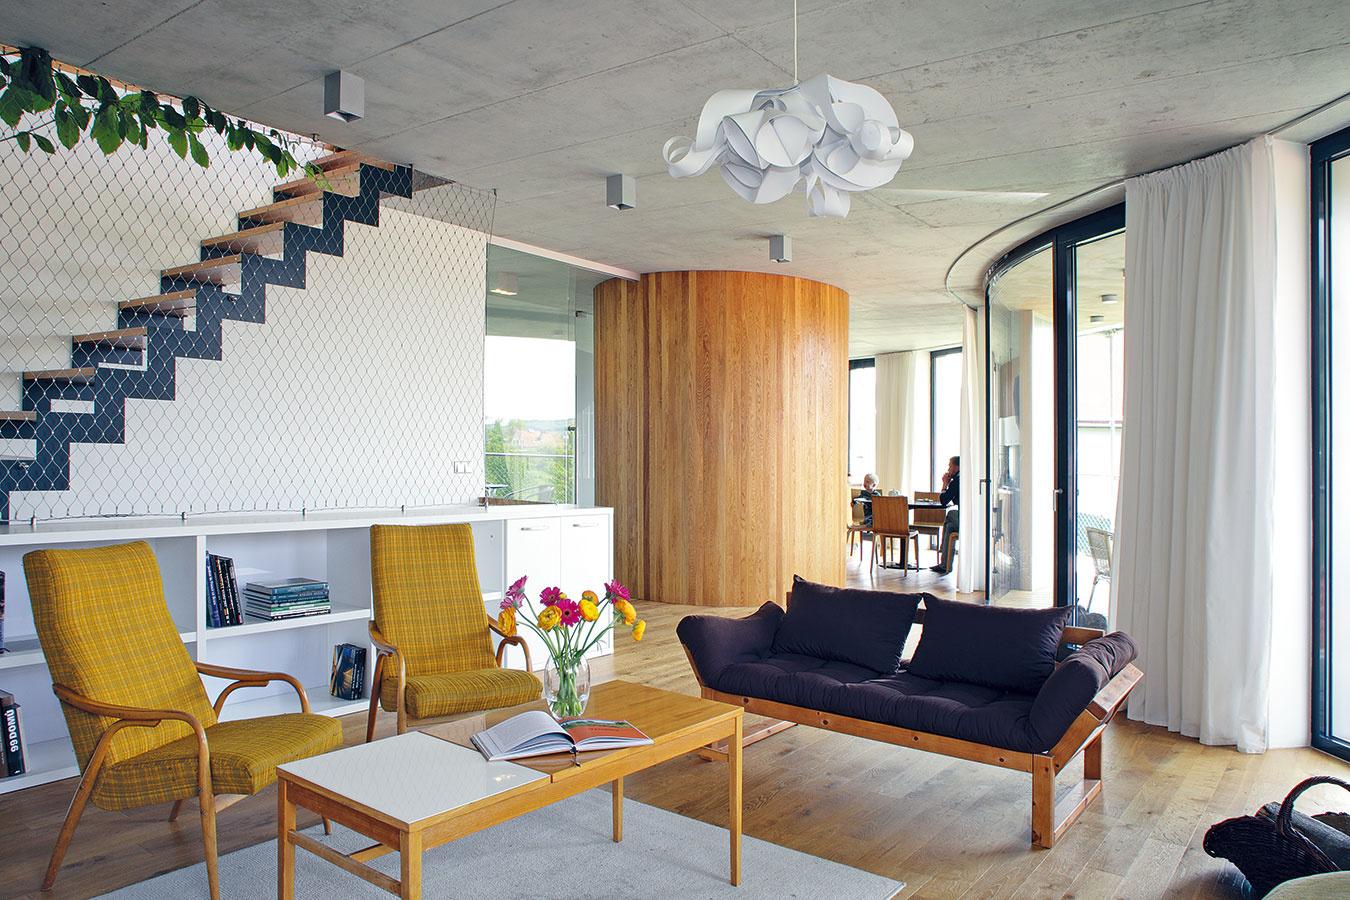 """Na podobe interiéru sa majitelia podieľali v maximálnej miere. Mali jasnú predstavu o tom, ako by mal vyzerať:  """"Vnútri sme chceli hlavne veľa dreva a nábytok, ktorý by bol mixom rôznych štýlov,"""" vysvetľuje majiteľka."""